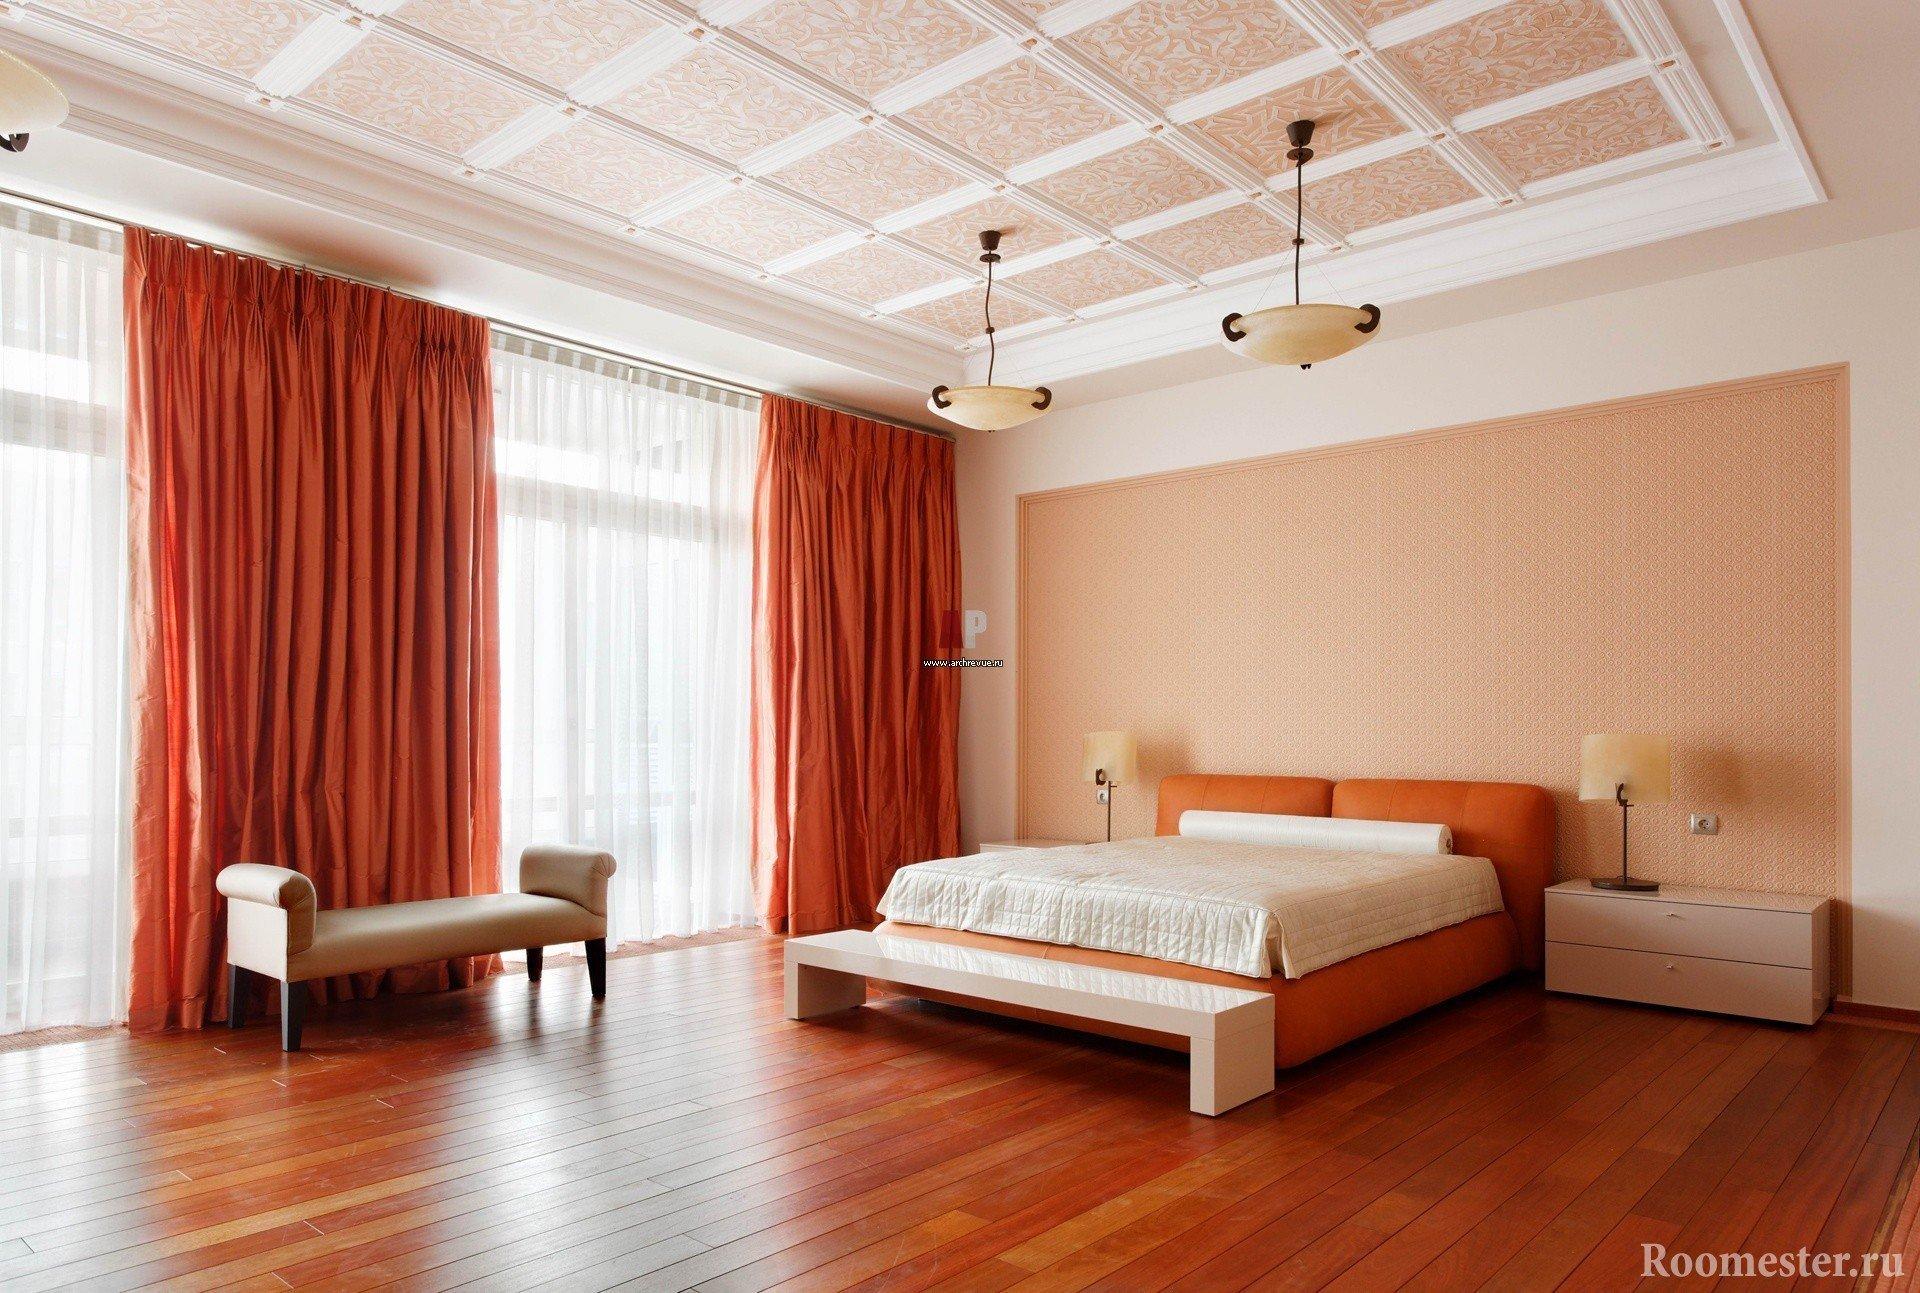 Оранжевые шторы и кровать в спальне